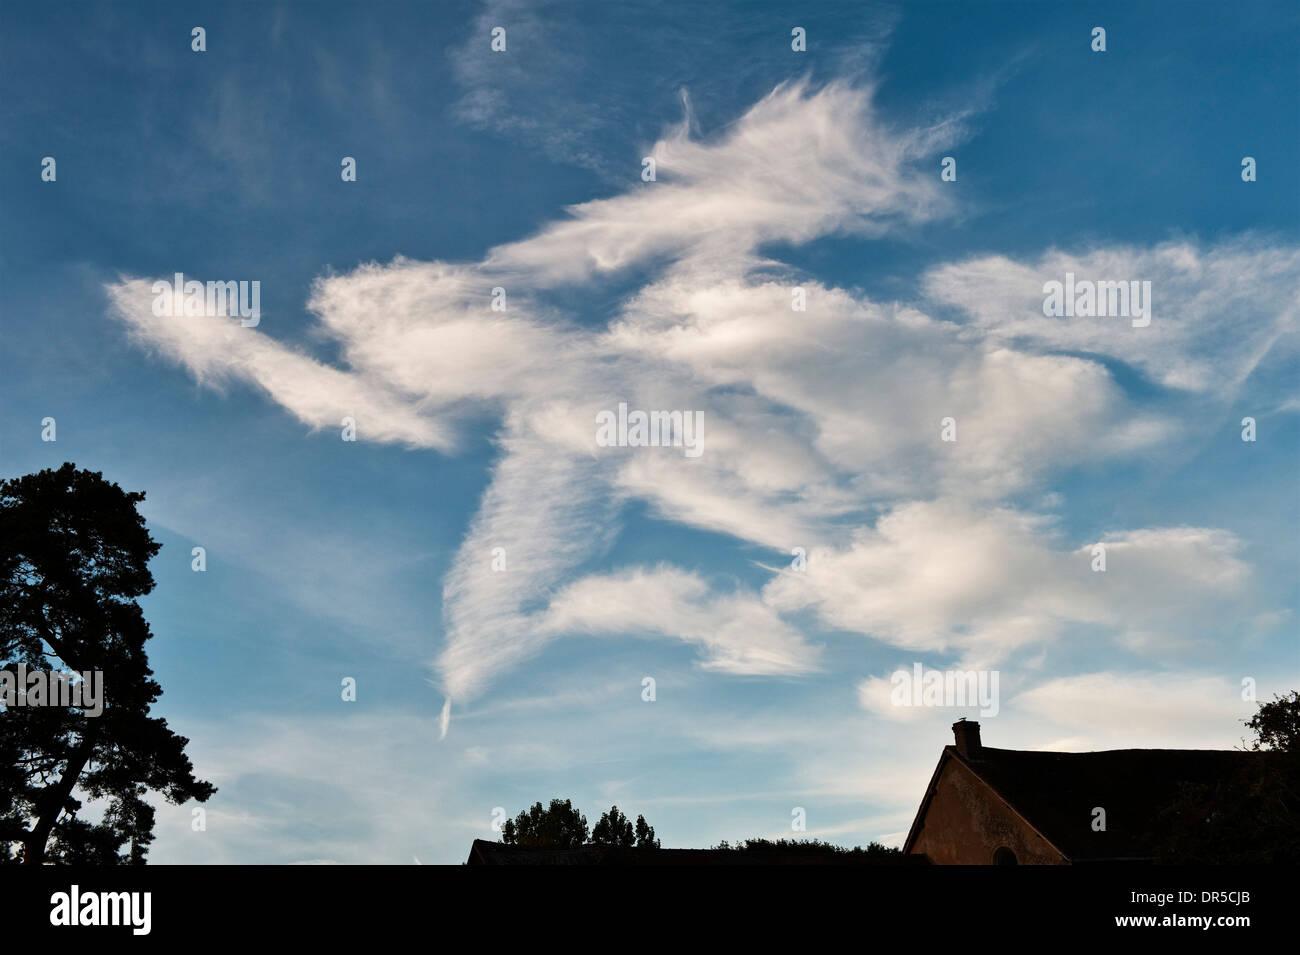 La formation de nuages inhabituels - un ange? Photo Stock